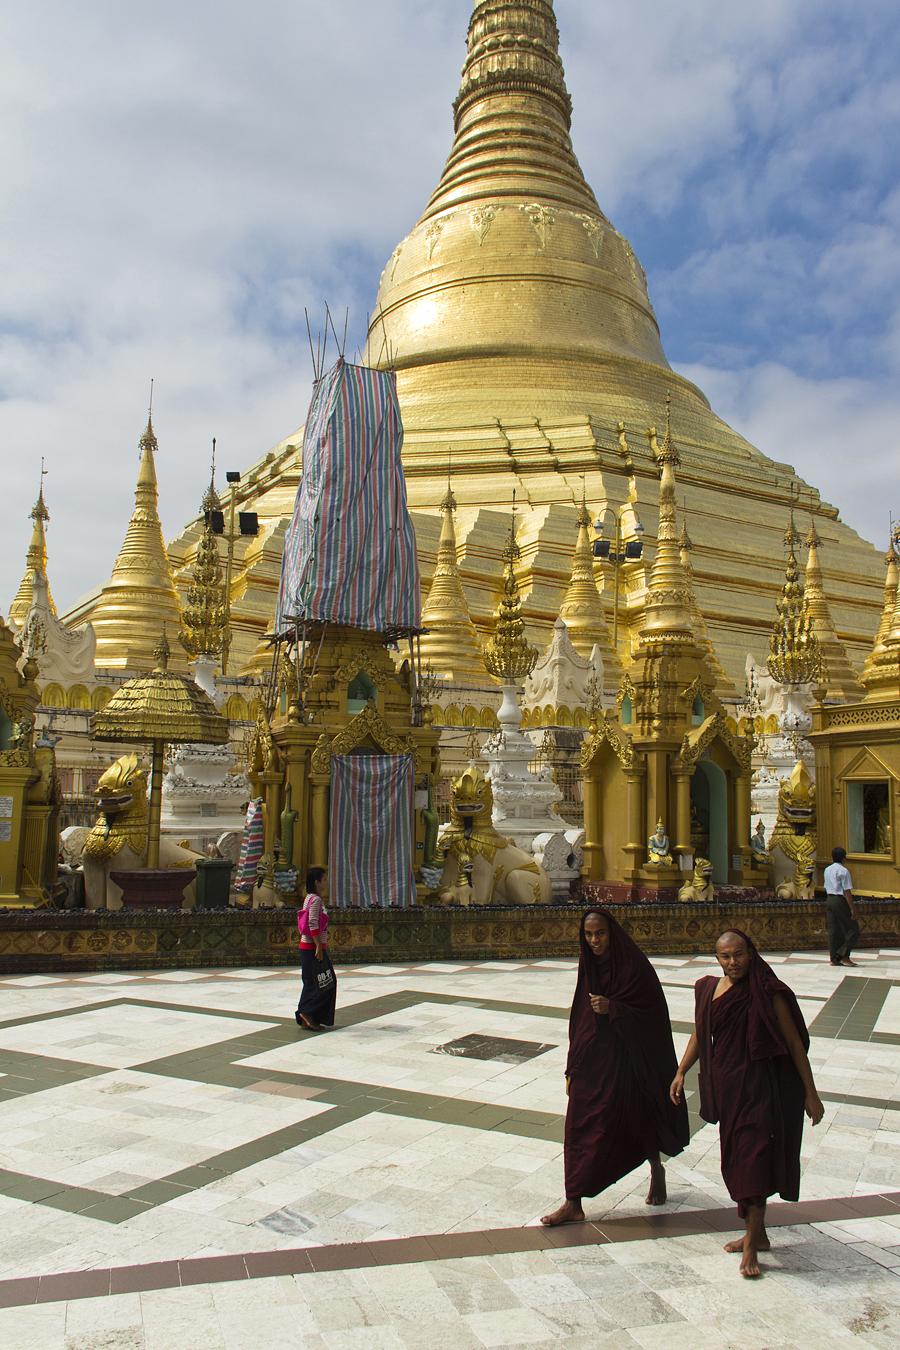 Yangon, Shwedagon Pagoda, Terrace